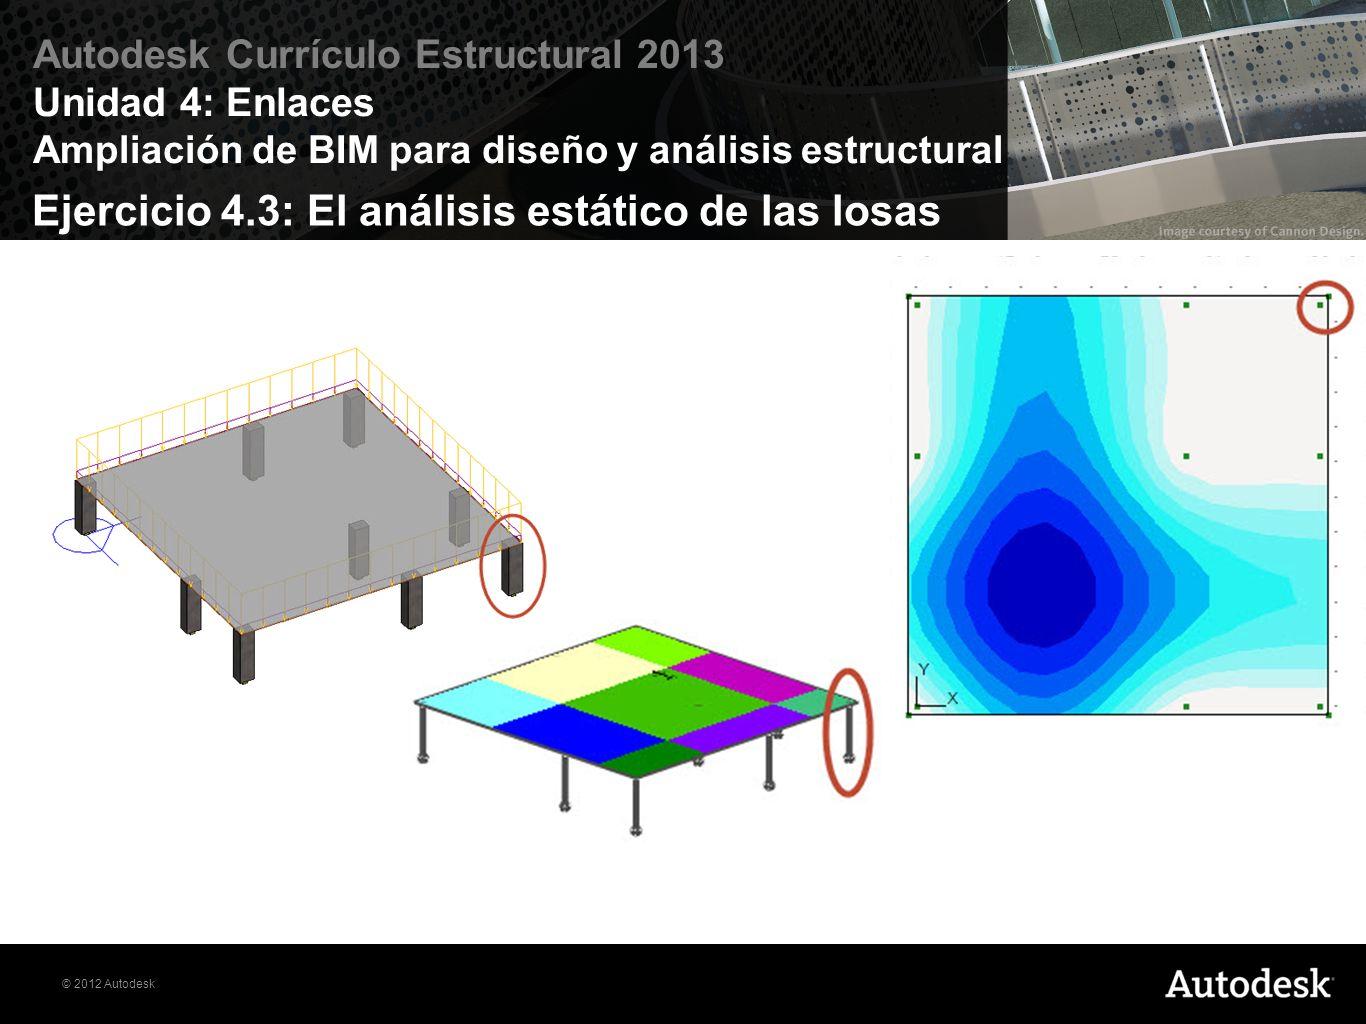 Ejercicio 4.3: El análisis estático de las losas